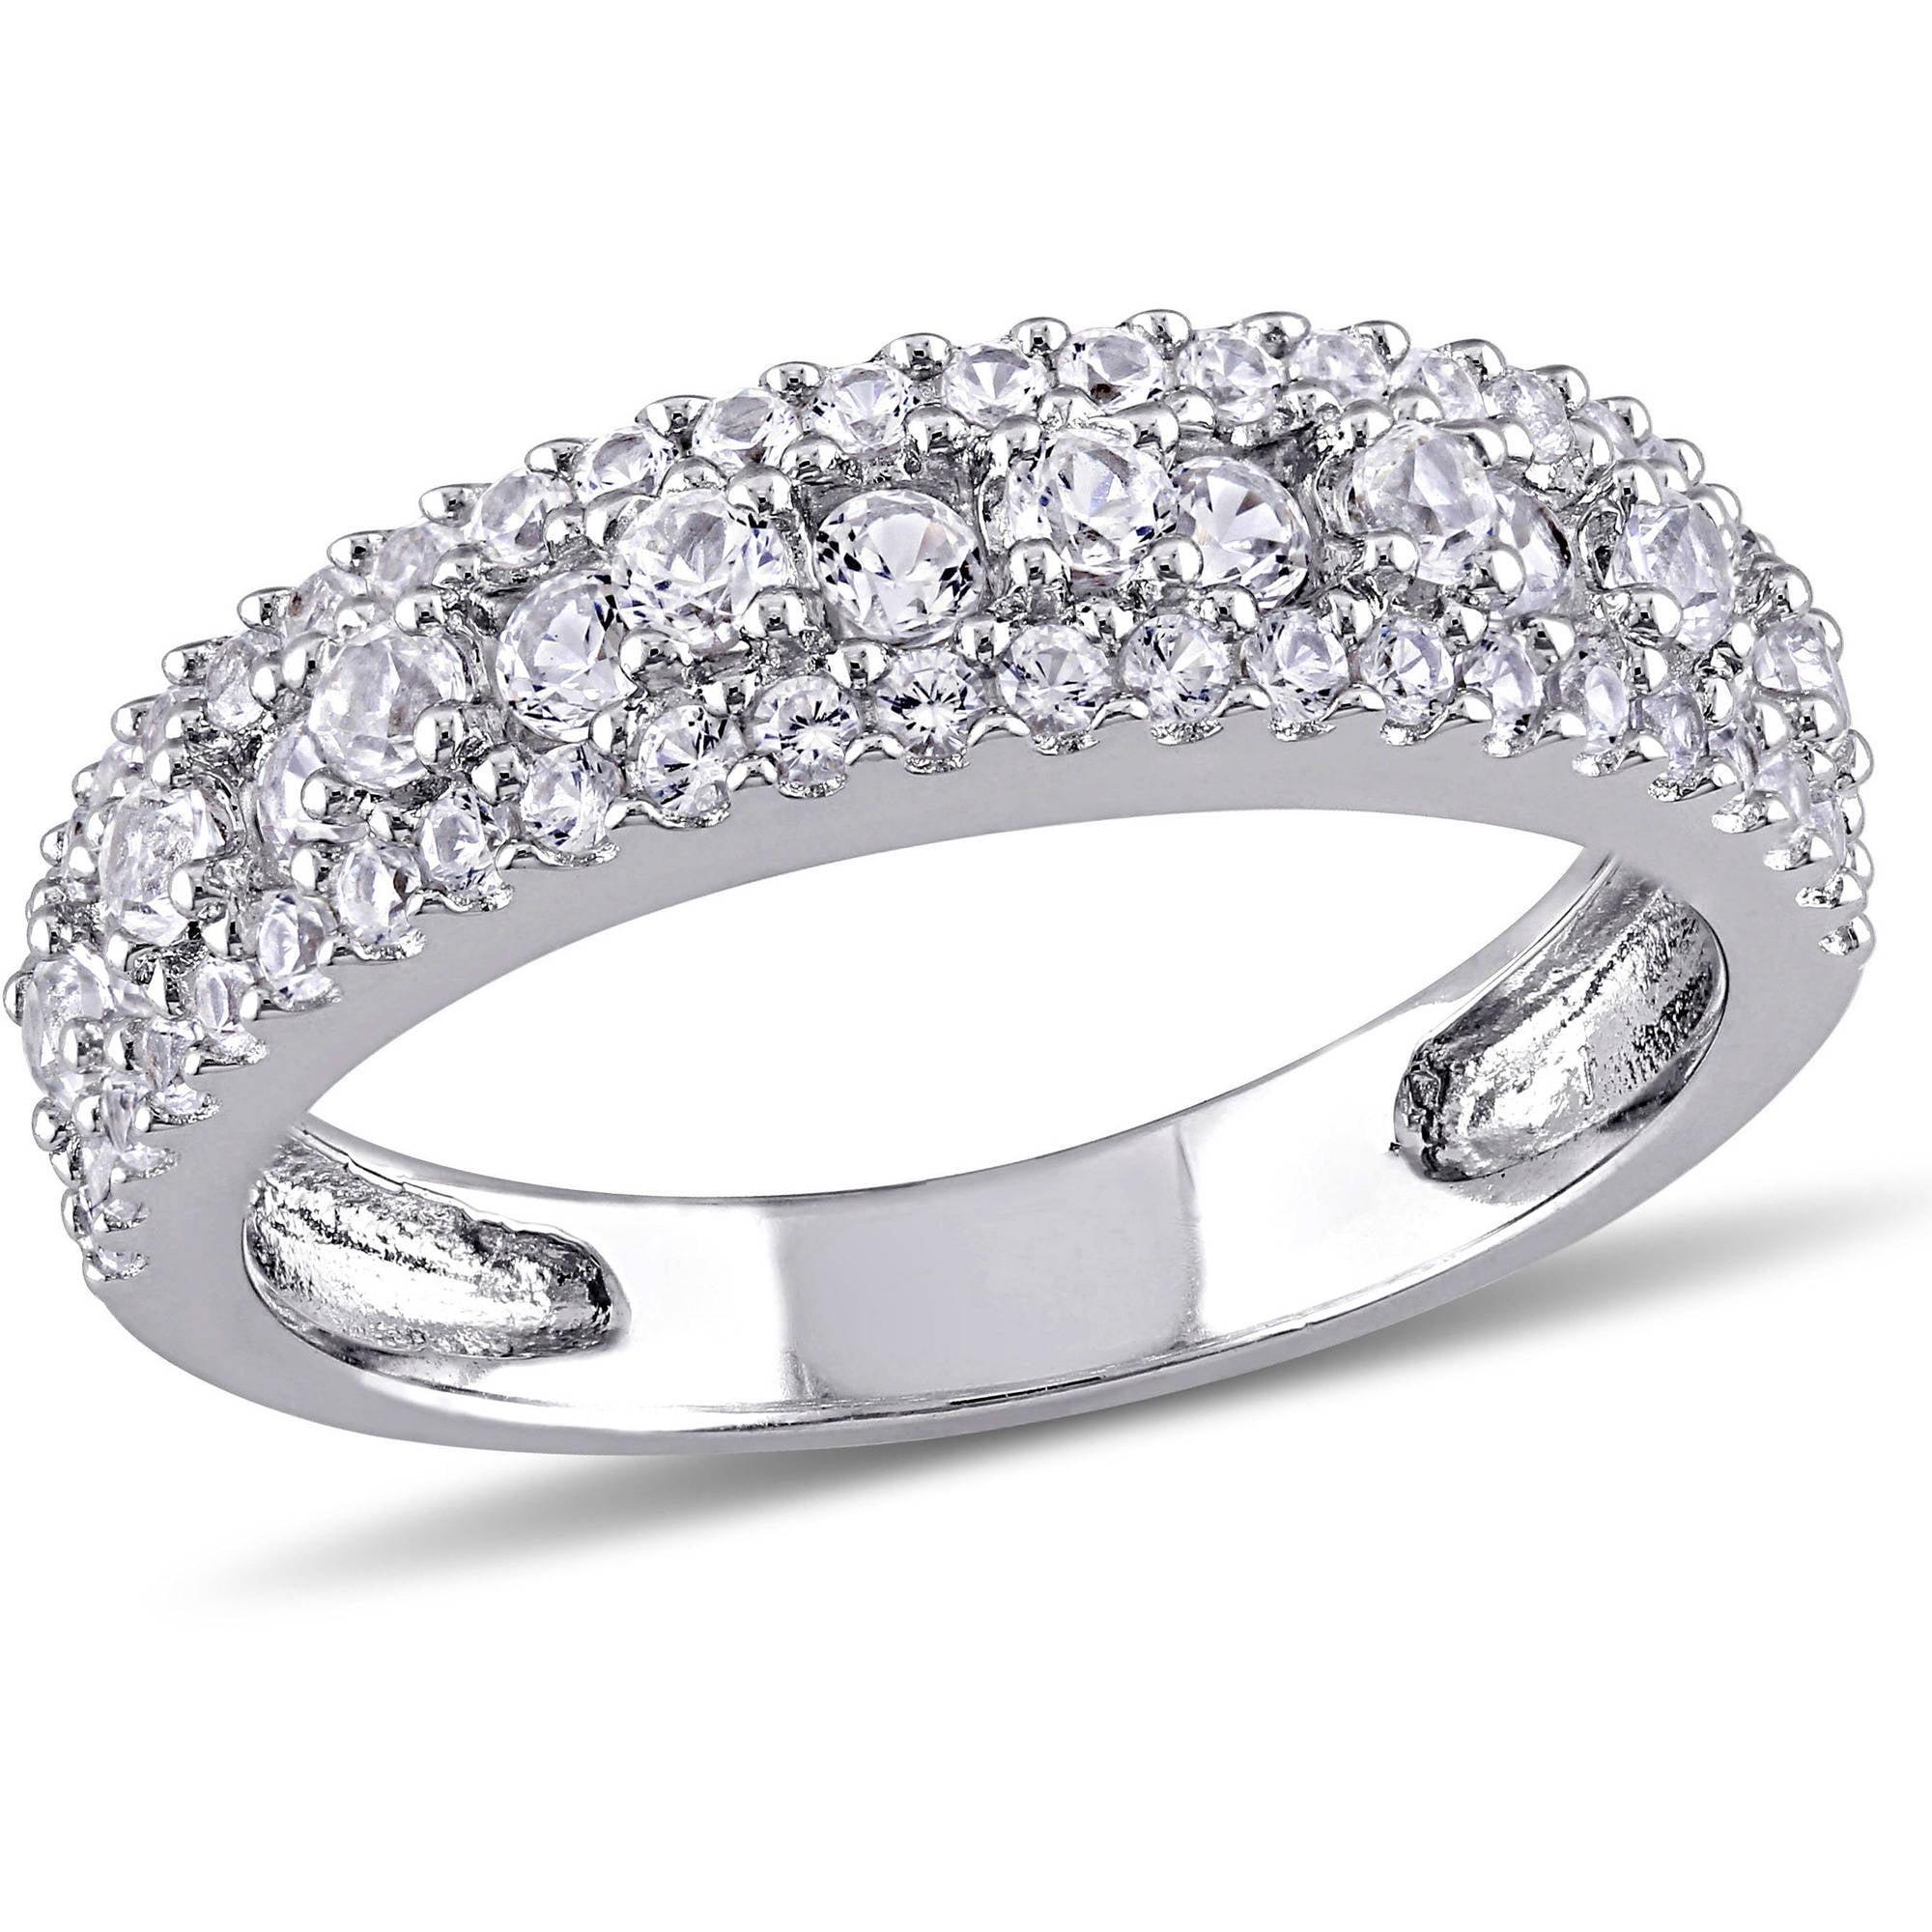 Miabella 1 1 7 Carat T G W Created White Sapphire Sterling Silver